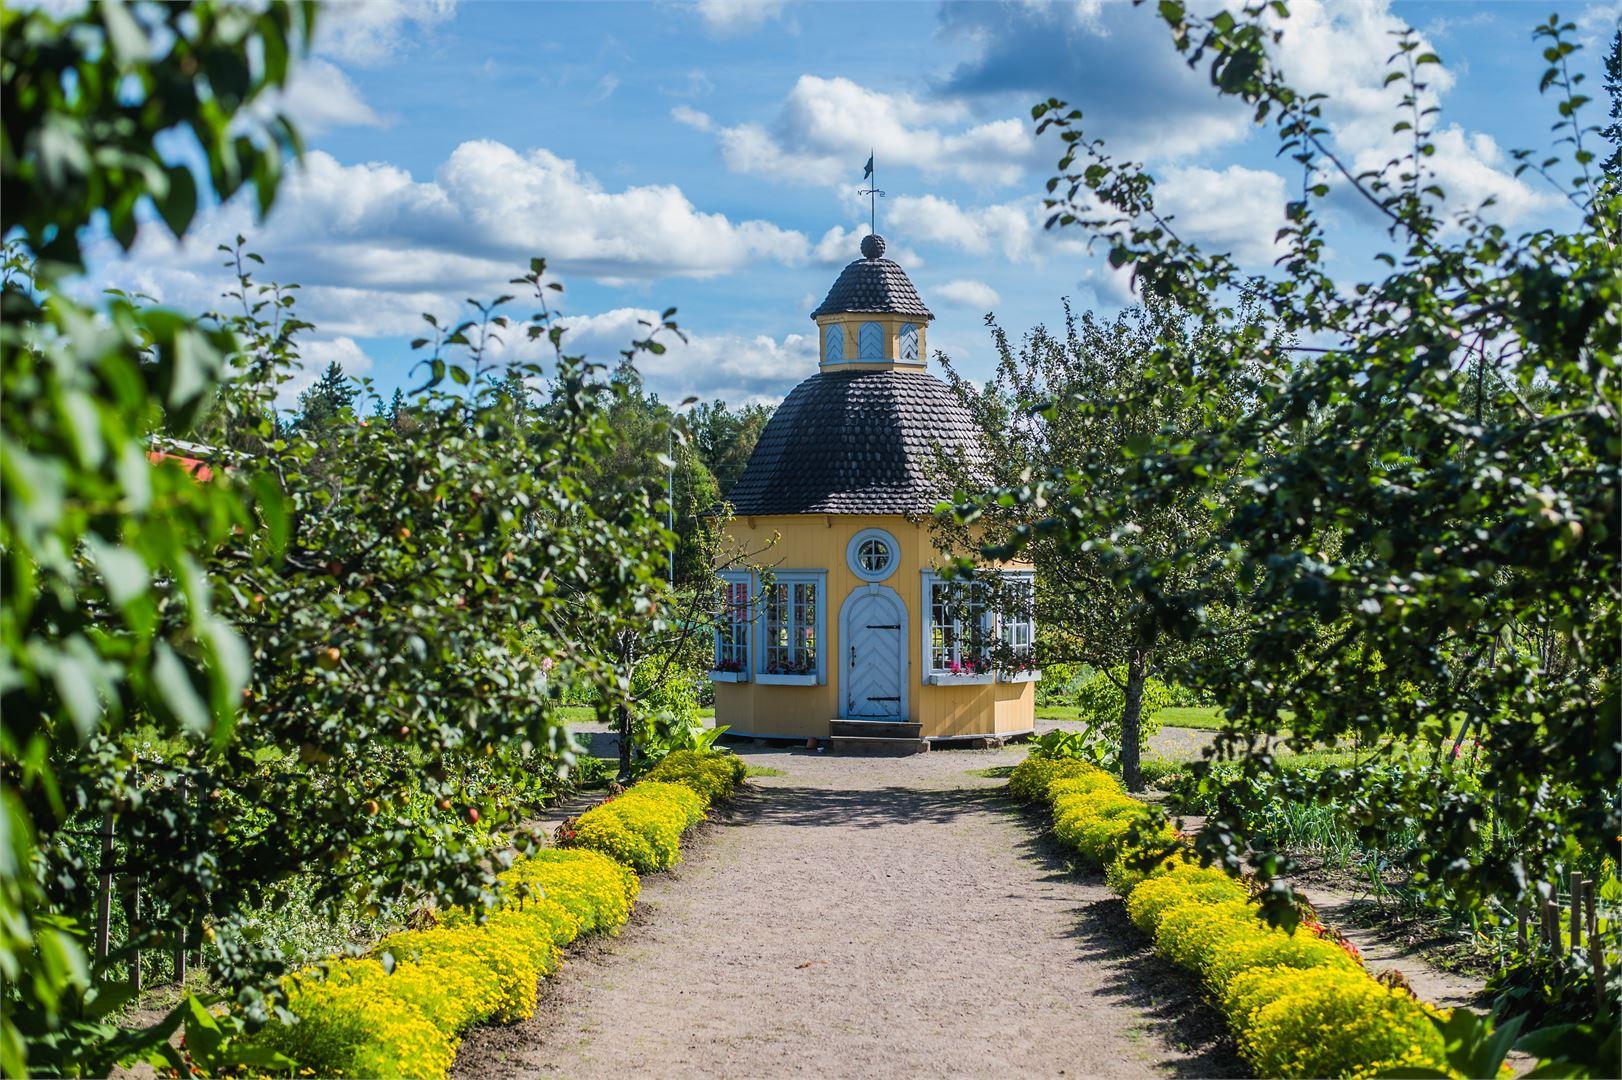 Aspegrenin puutarha on Suomen vanhimpia pappilapuutarhoja ja on Pohjoismaiden tasollakin harvinaisen hyvin säilynyt kulttuuriympäristö. Puutarhasta löytyy Suomen sympaattisin huvimaja.